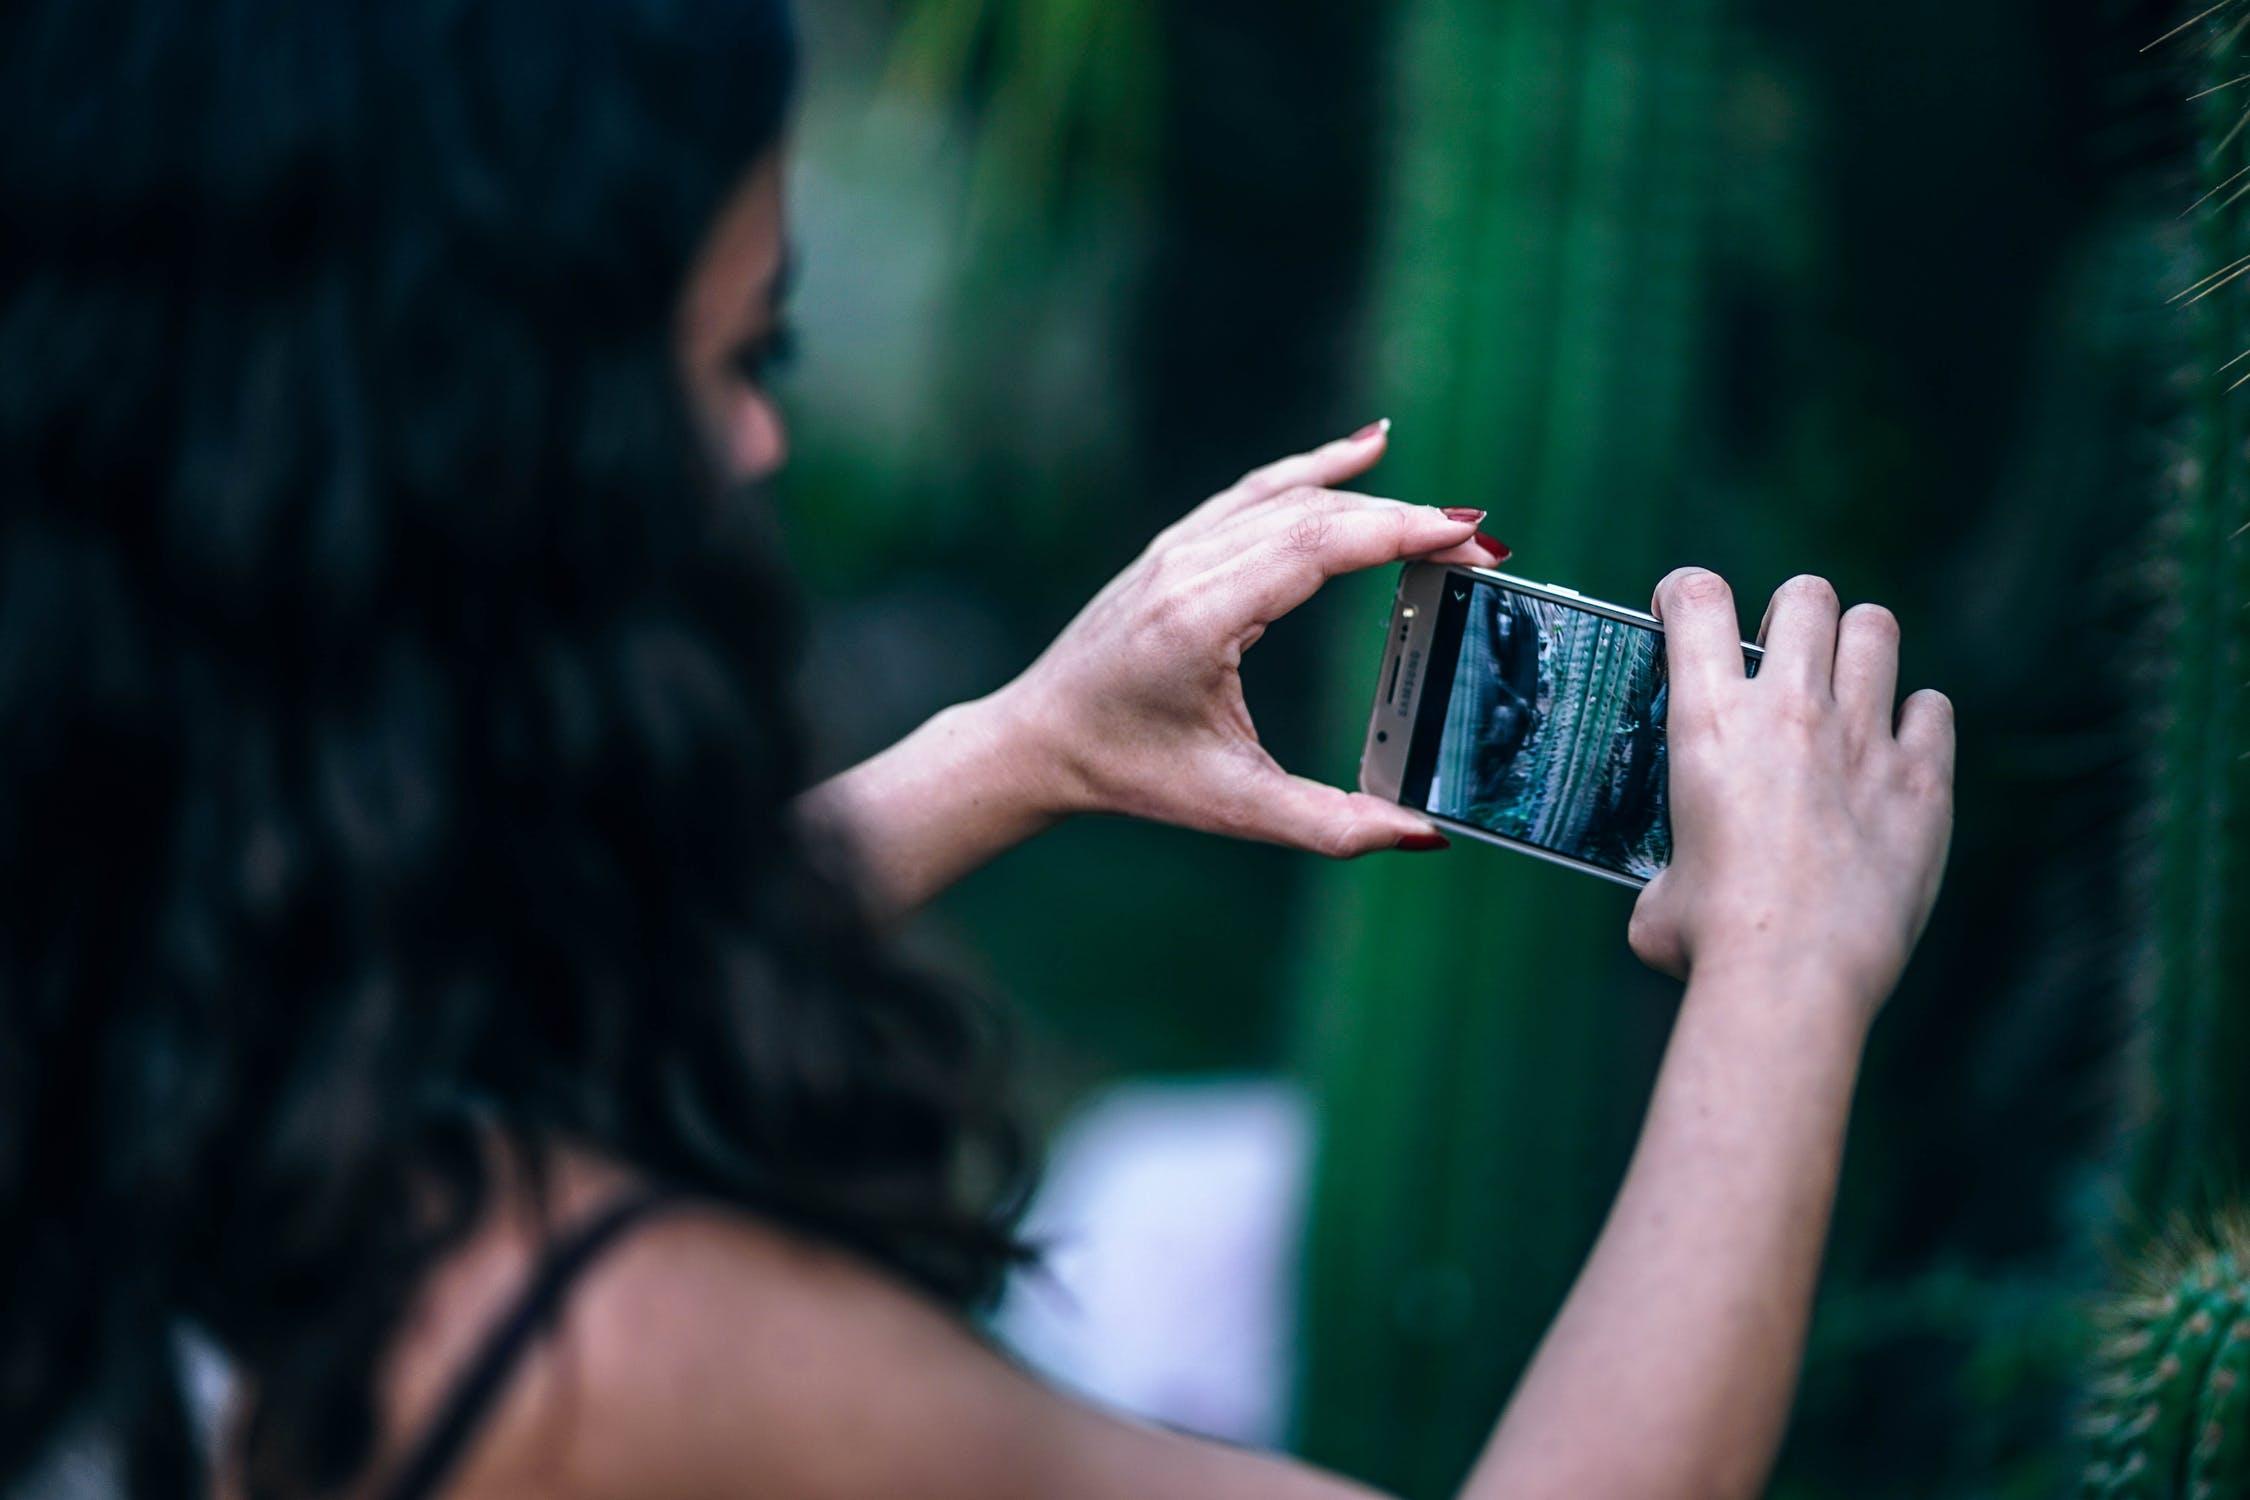 Топ-9 приложений на смартфон, которые пригодятся в быту - фотографируем на смартфон